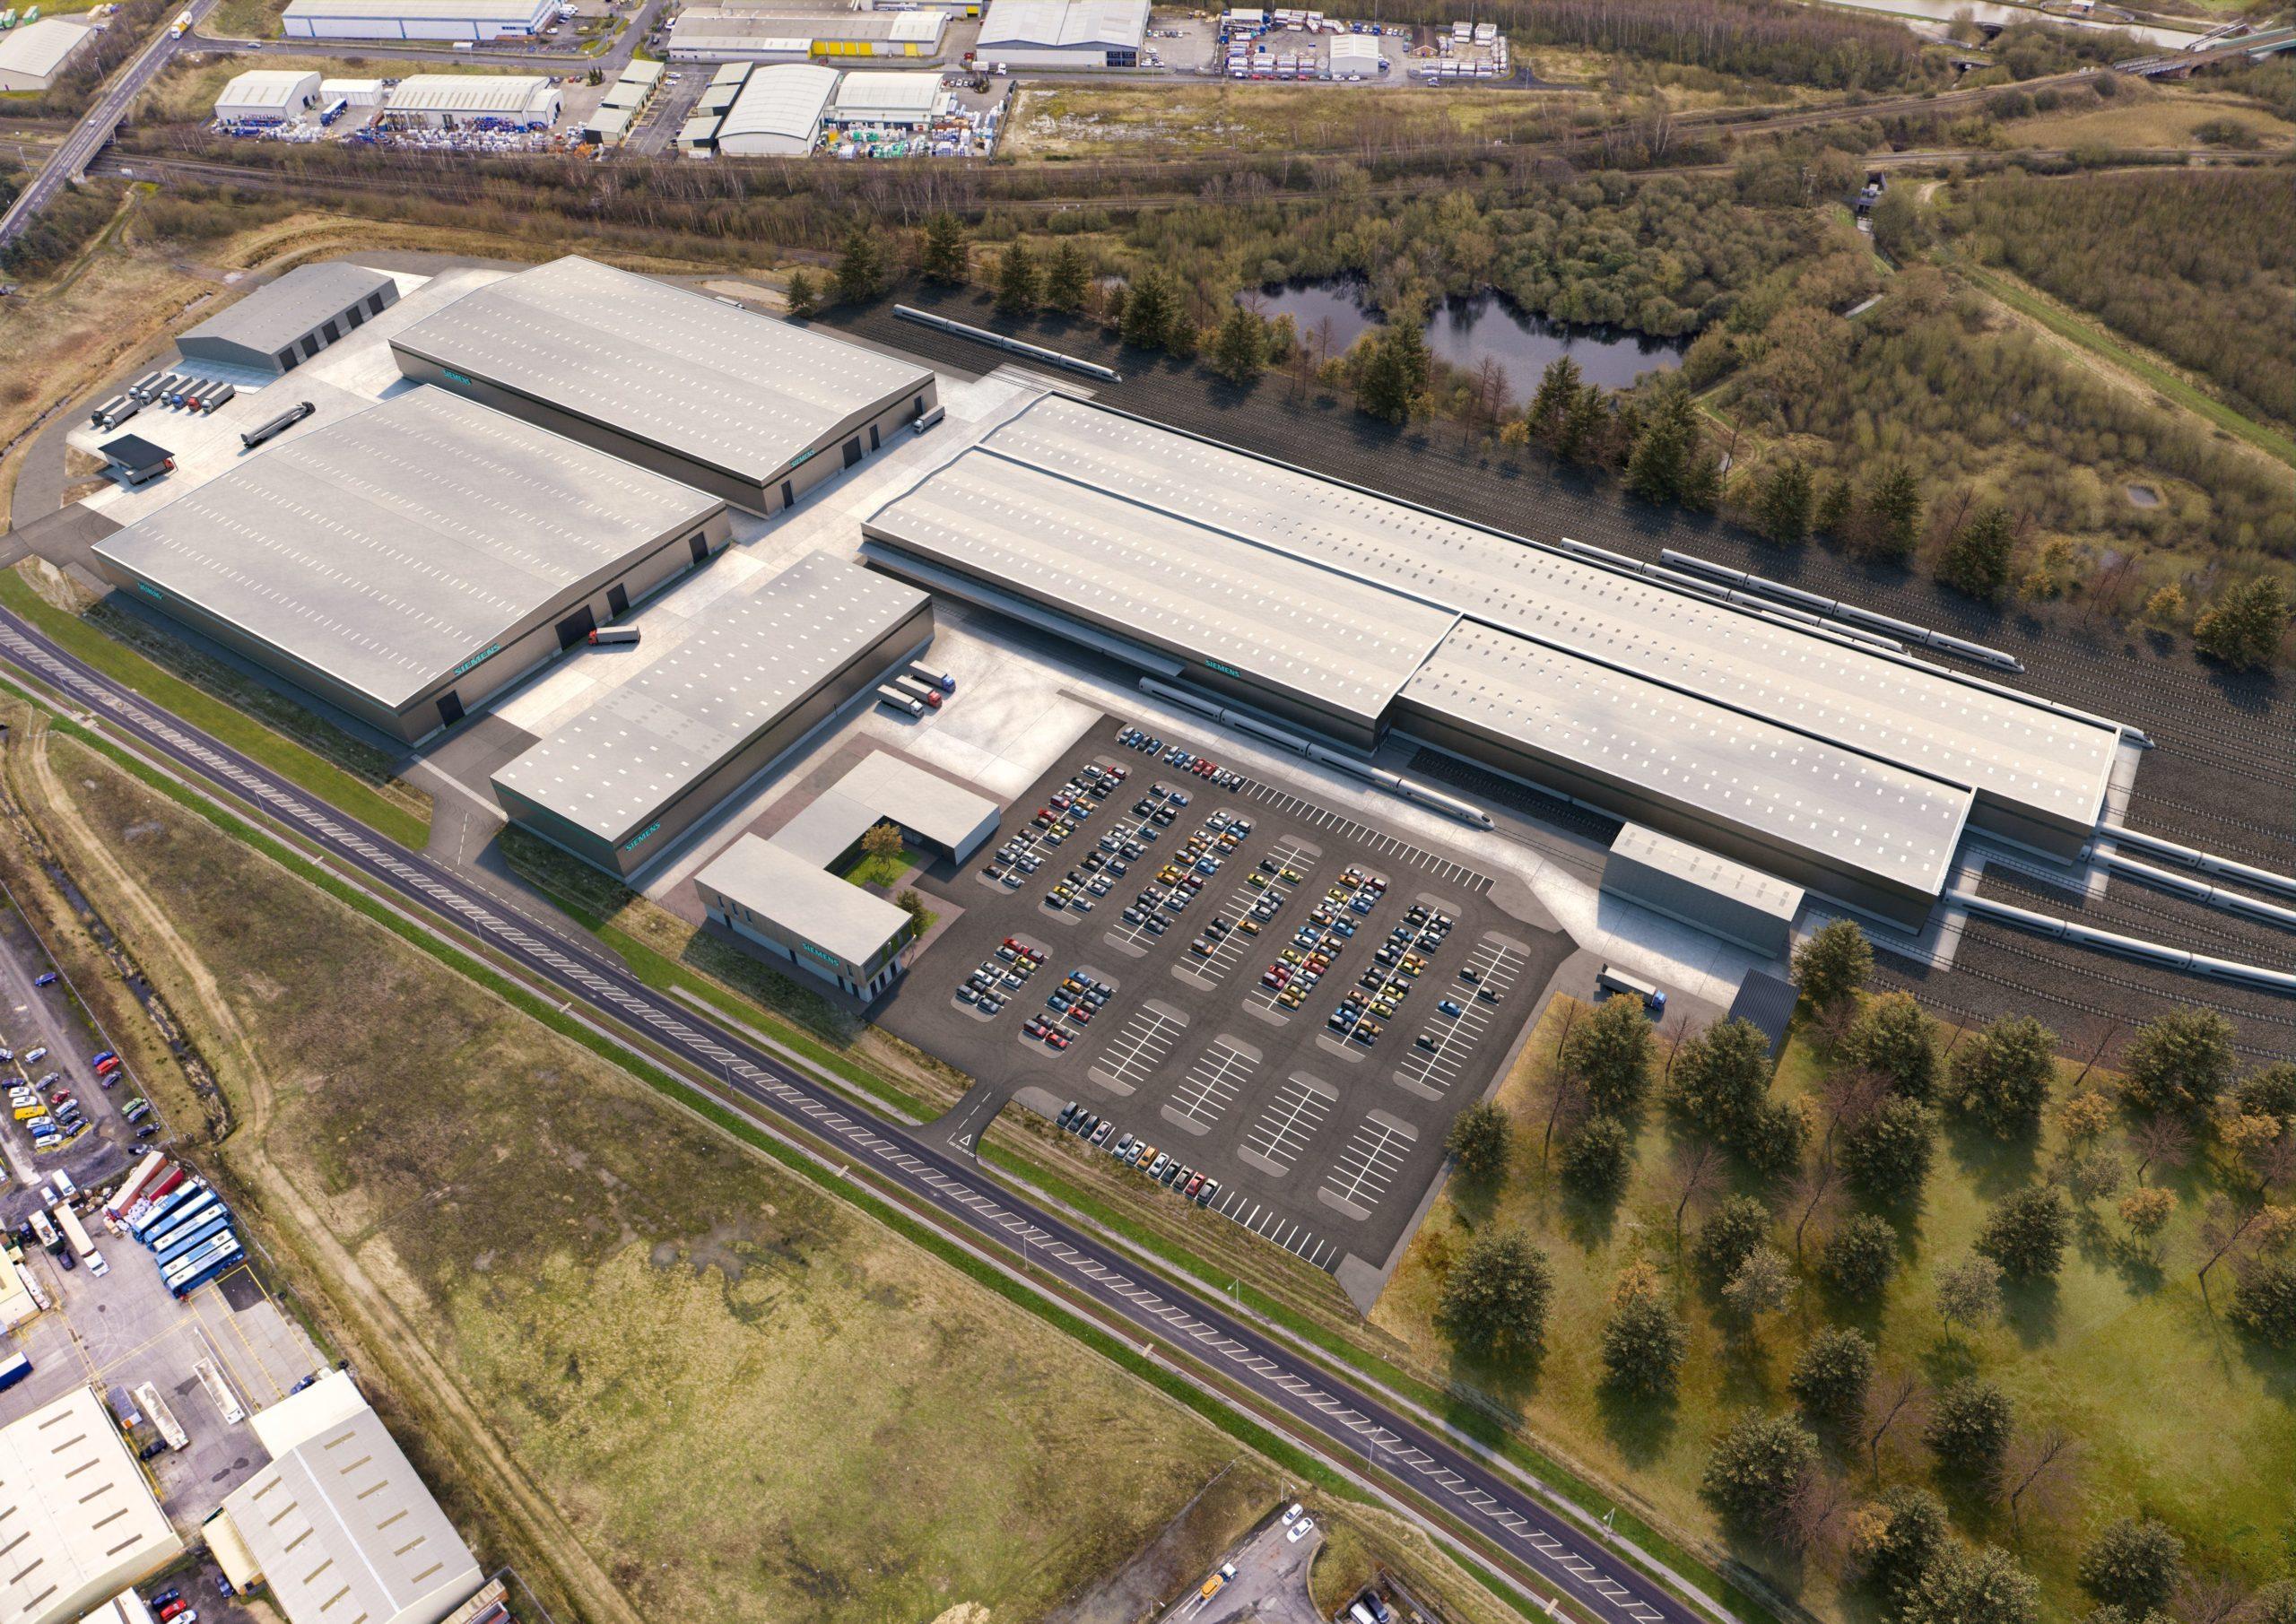 Siemens Mobility Goole site